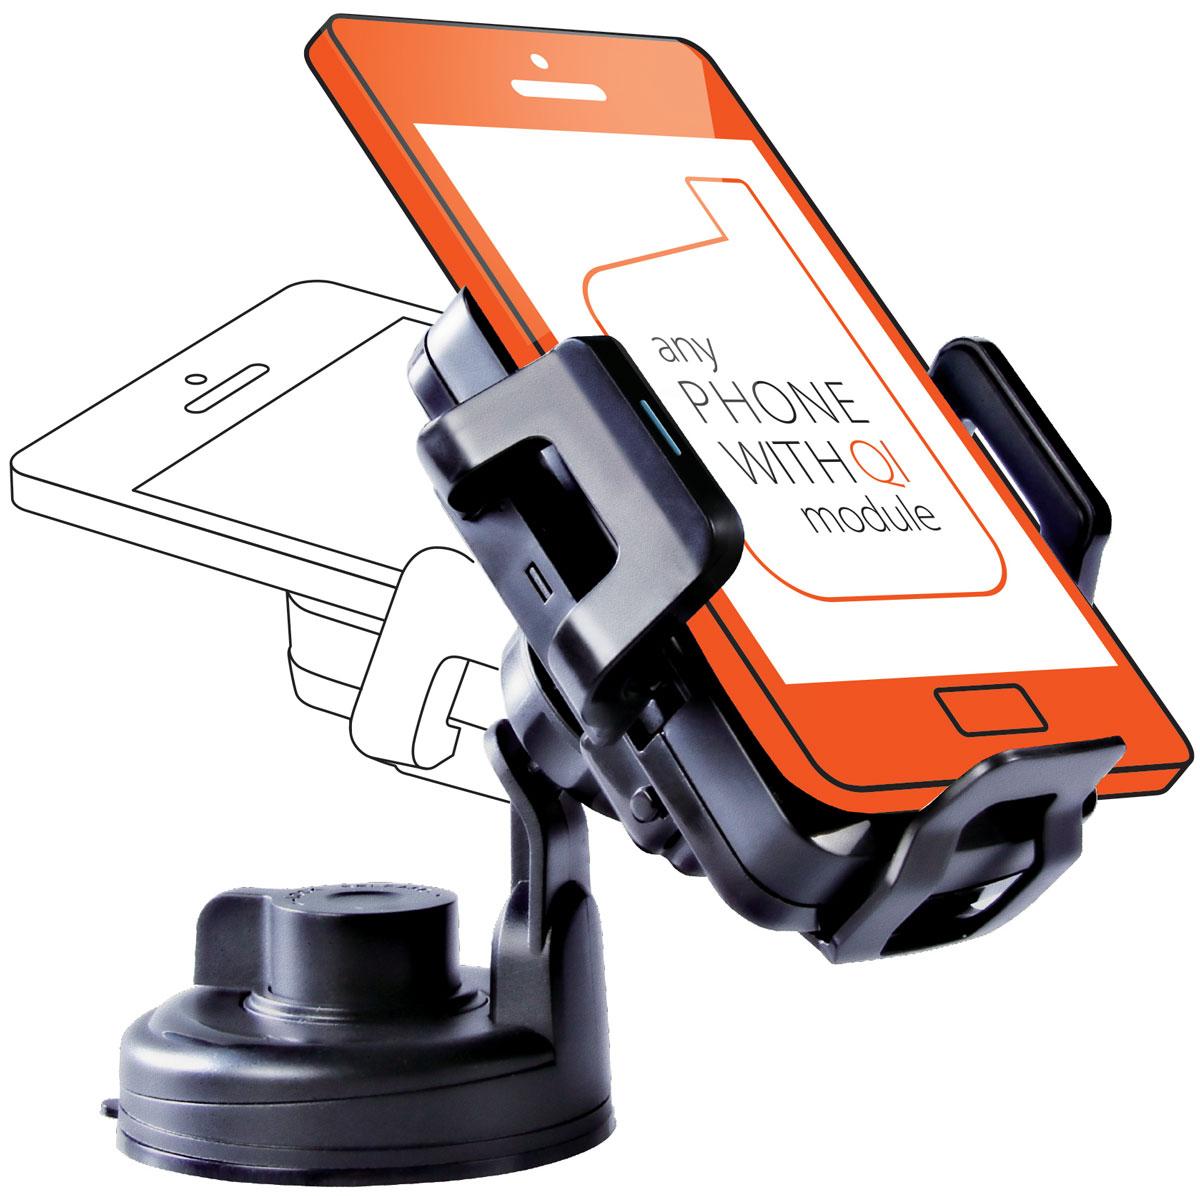 UPVEL UQ-TA01 Stingray, Black автомобильное беспроводное зарядное устройство стандарта QiUQ-TA01 STINGRAYЗабудьте о вечно занятых руках, разряженных аккумуляторах и о нервных поисках закатившегося под сиденье смартфона! Беспроводное зарядное устройство UPVEL UQ-TA01 специально разработано для использования в салоне автомобиля. Регулируемые крепления позволяют разместить смартфон точно в центре для максимальной эффективности заряда и не дадут ему упасть. Различные варианты крепления зарядного устройства в салоне и поворотная зарядная панель помогут расположить смартфон максимально удобно и надёжно. Монтируется на присоске либо на вентиляционной решетке Подходит для большинства мобильных устройств с диагональю до 5 дюймов Совместим со всеми модулями беспроводной зарядки стандарта Qi Эффективность: 500 мАч Расстояние для зарядки: до 5-7 мм